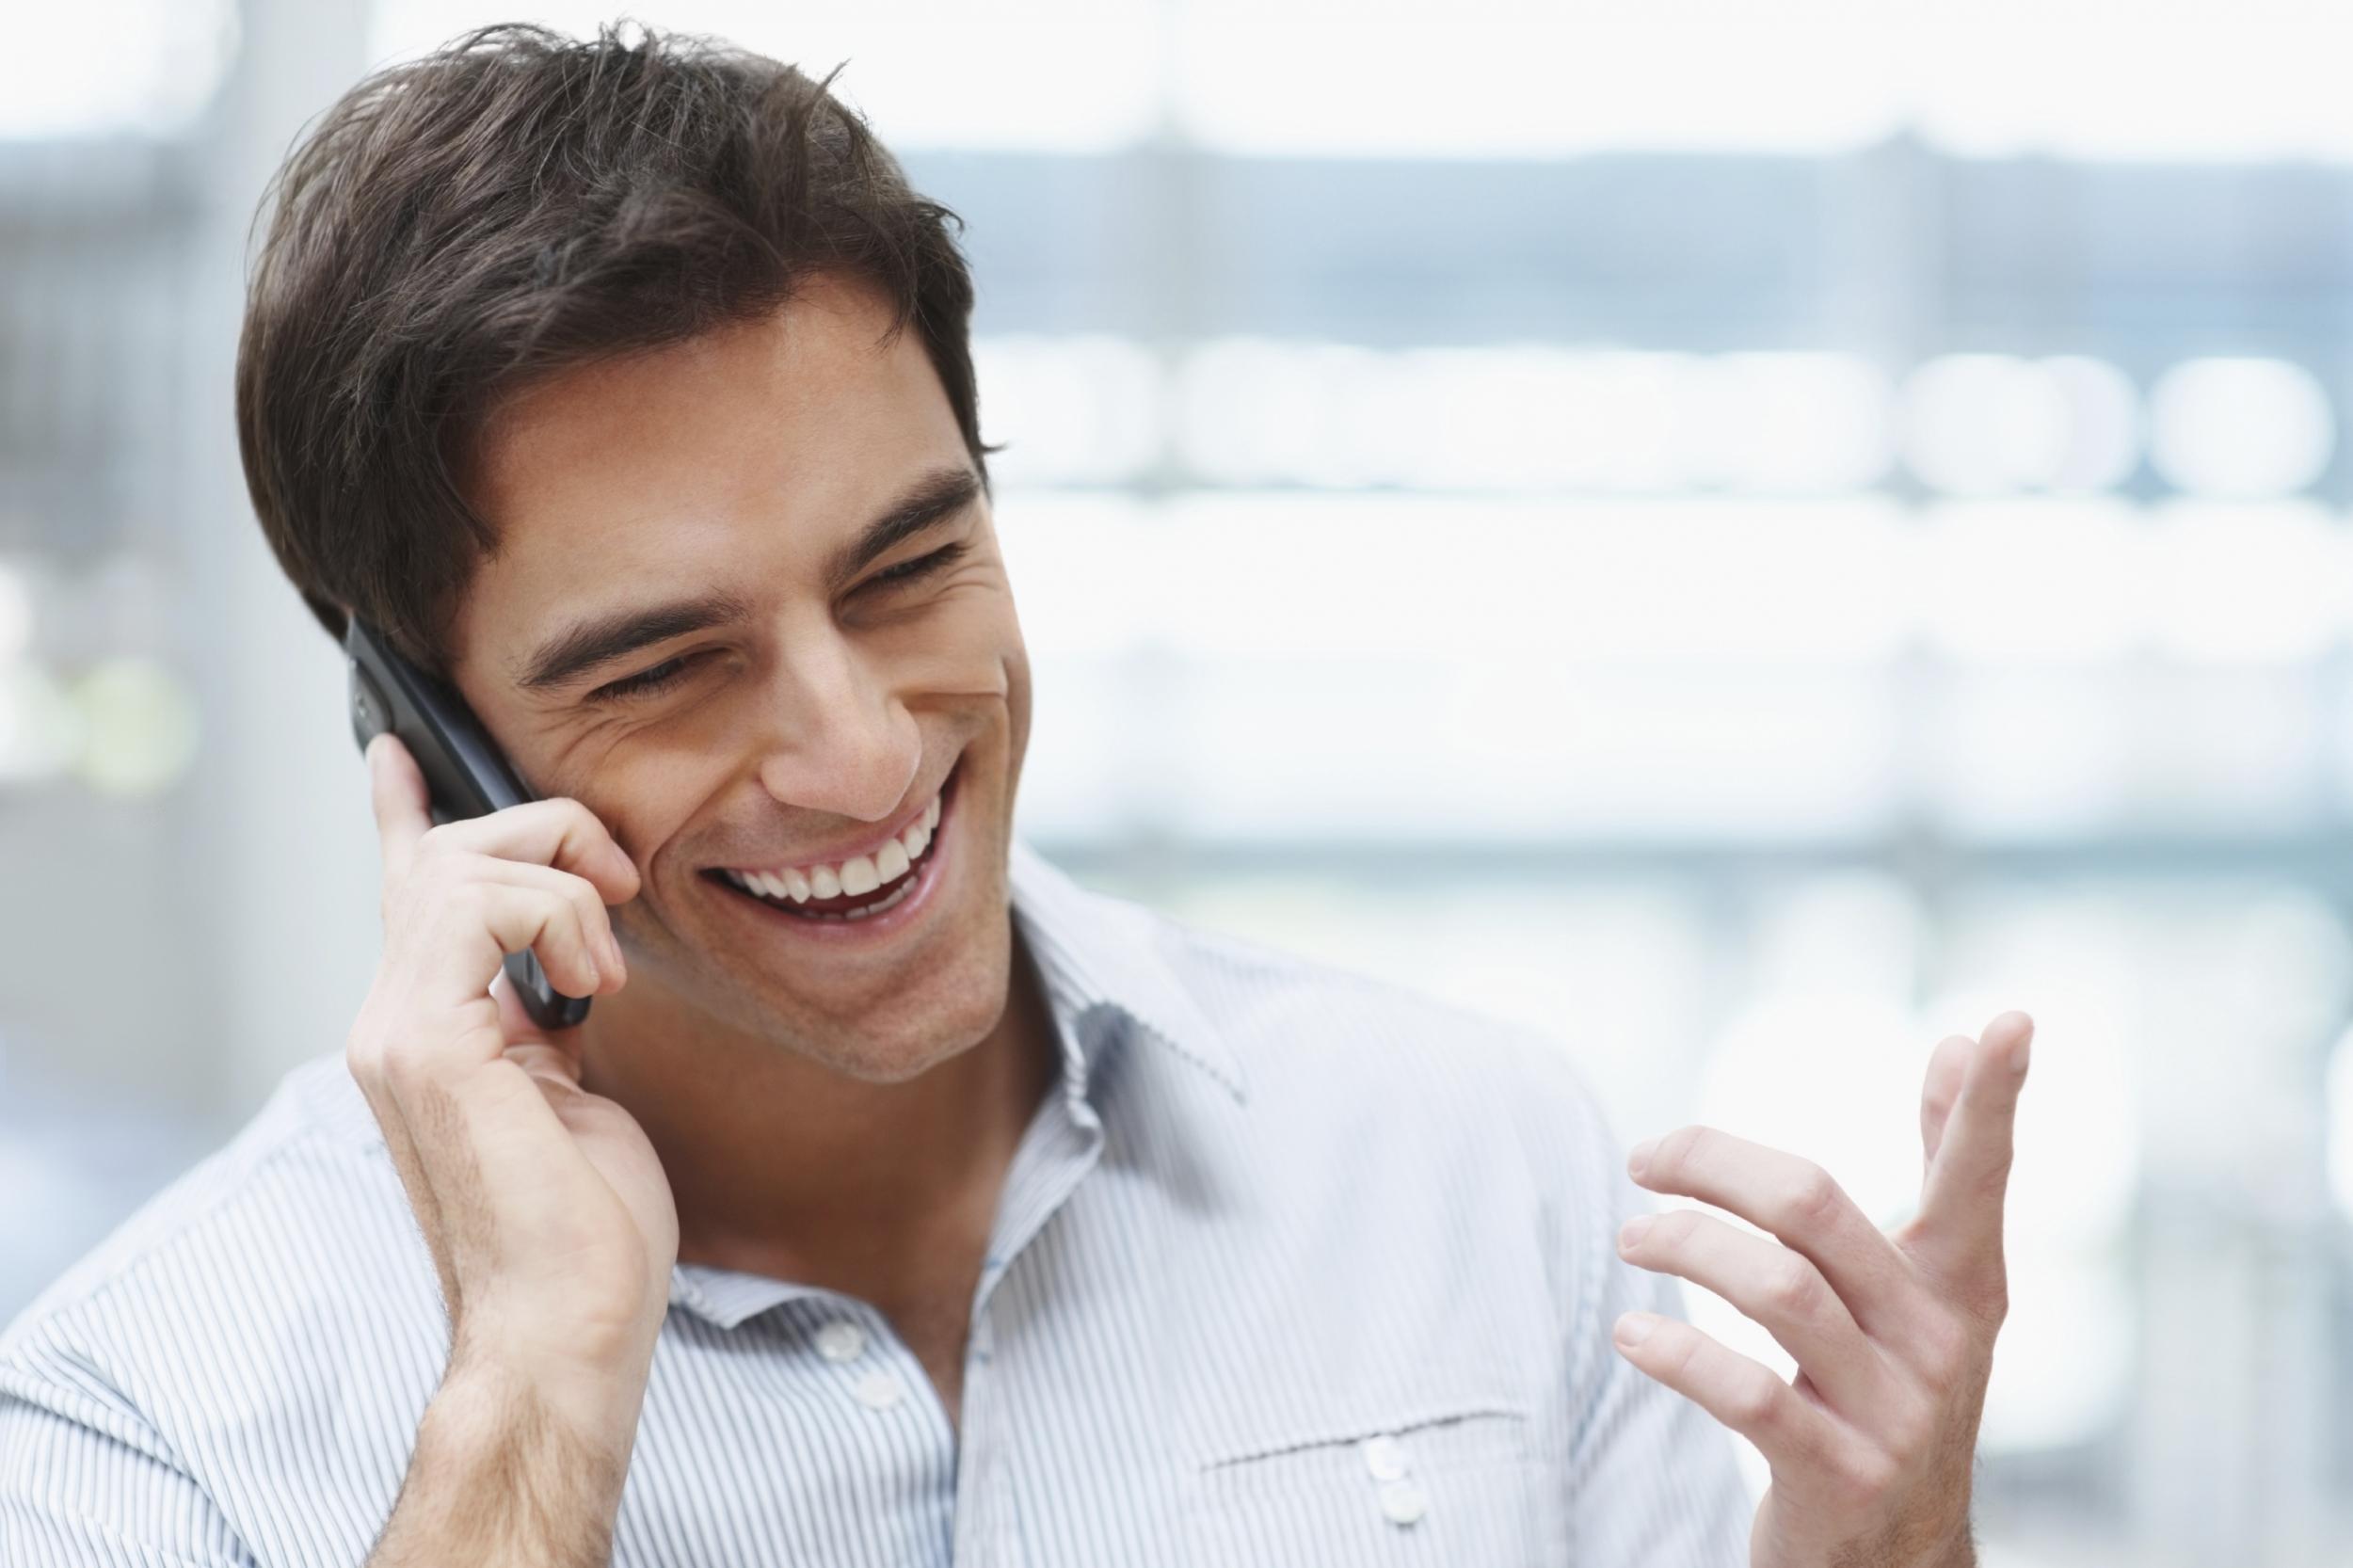 صورة نصائح لطريقة استخدام الهاتف